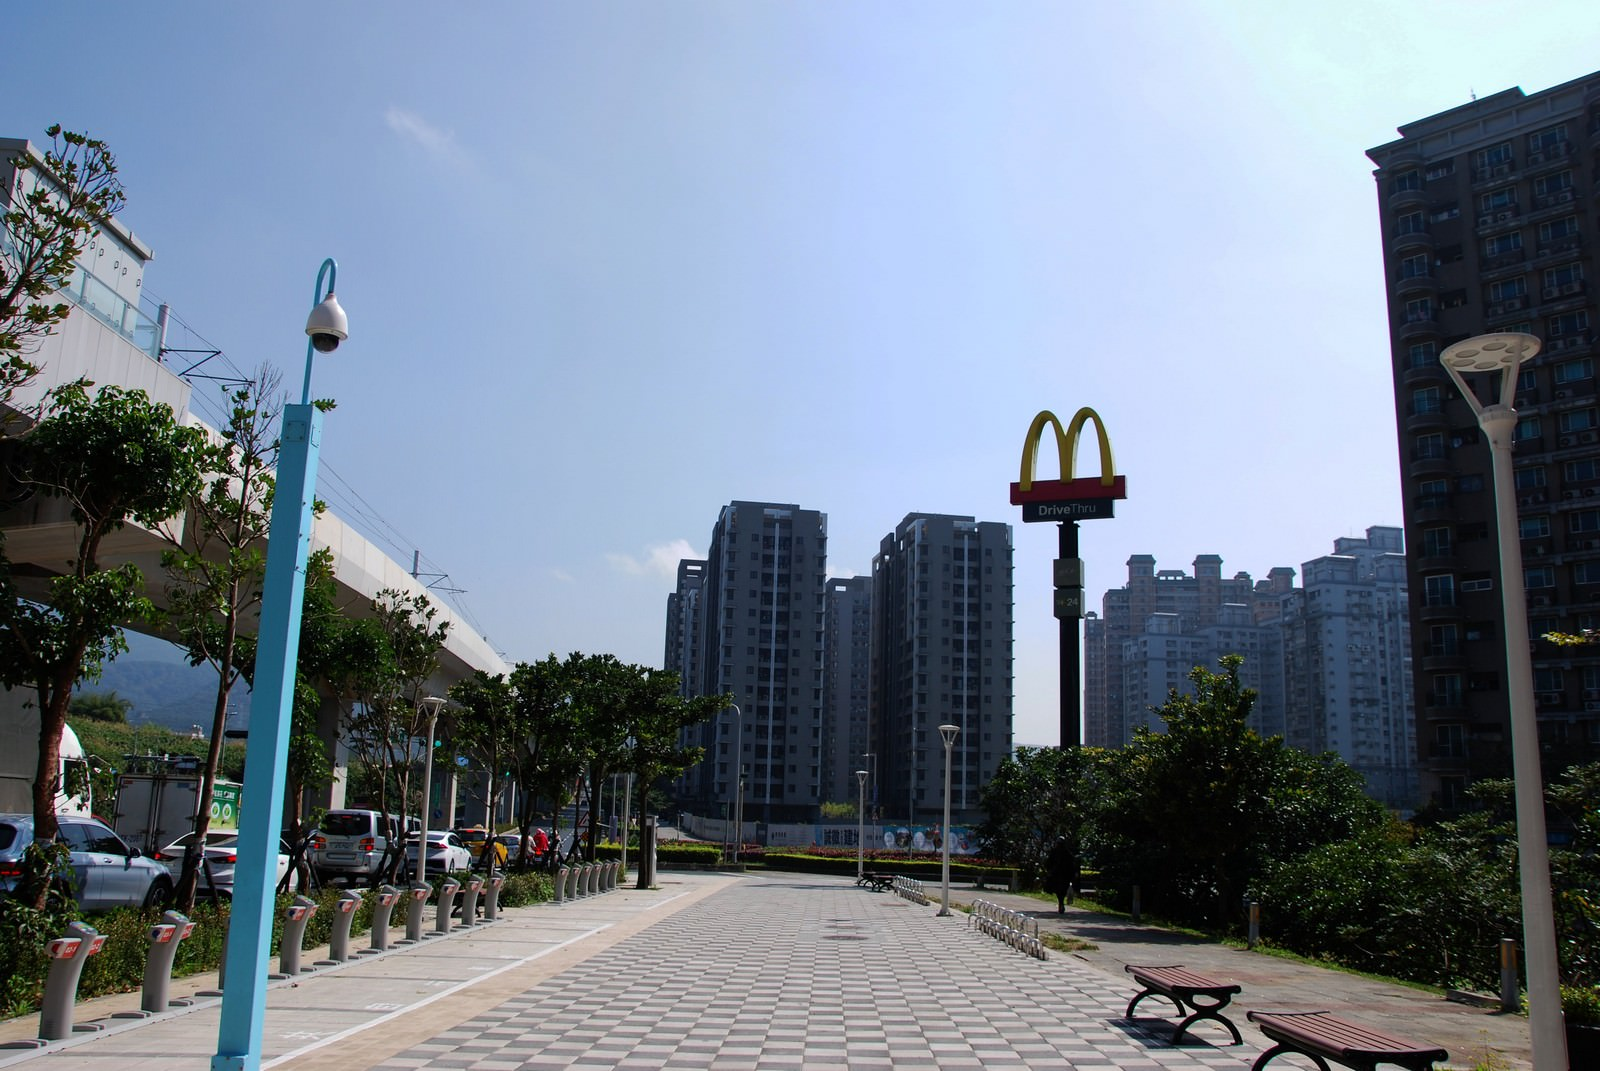 淡海輕軌綠山線, 輕軌新市一路站, 周邊環境